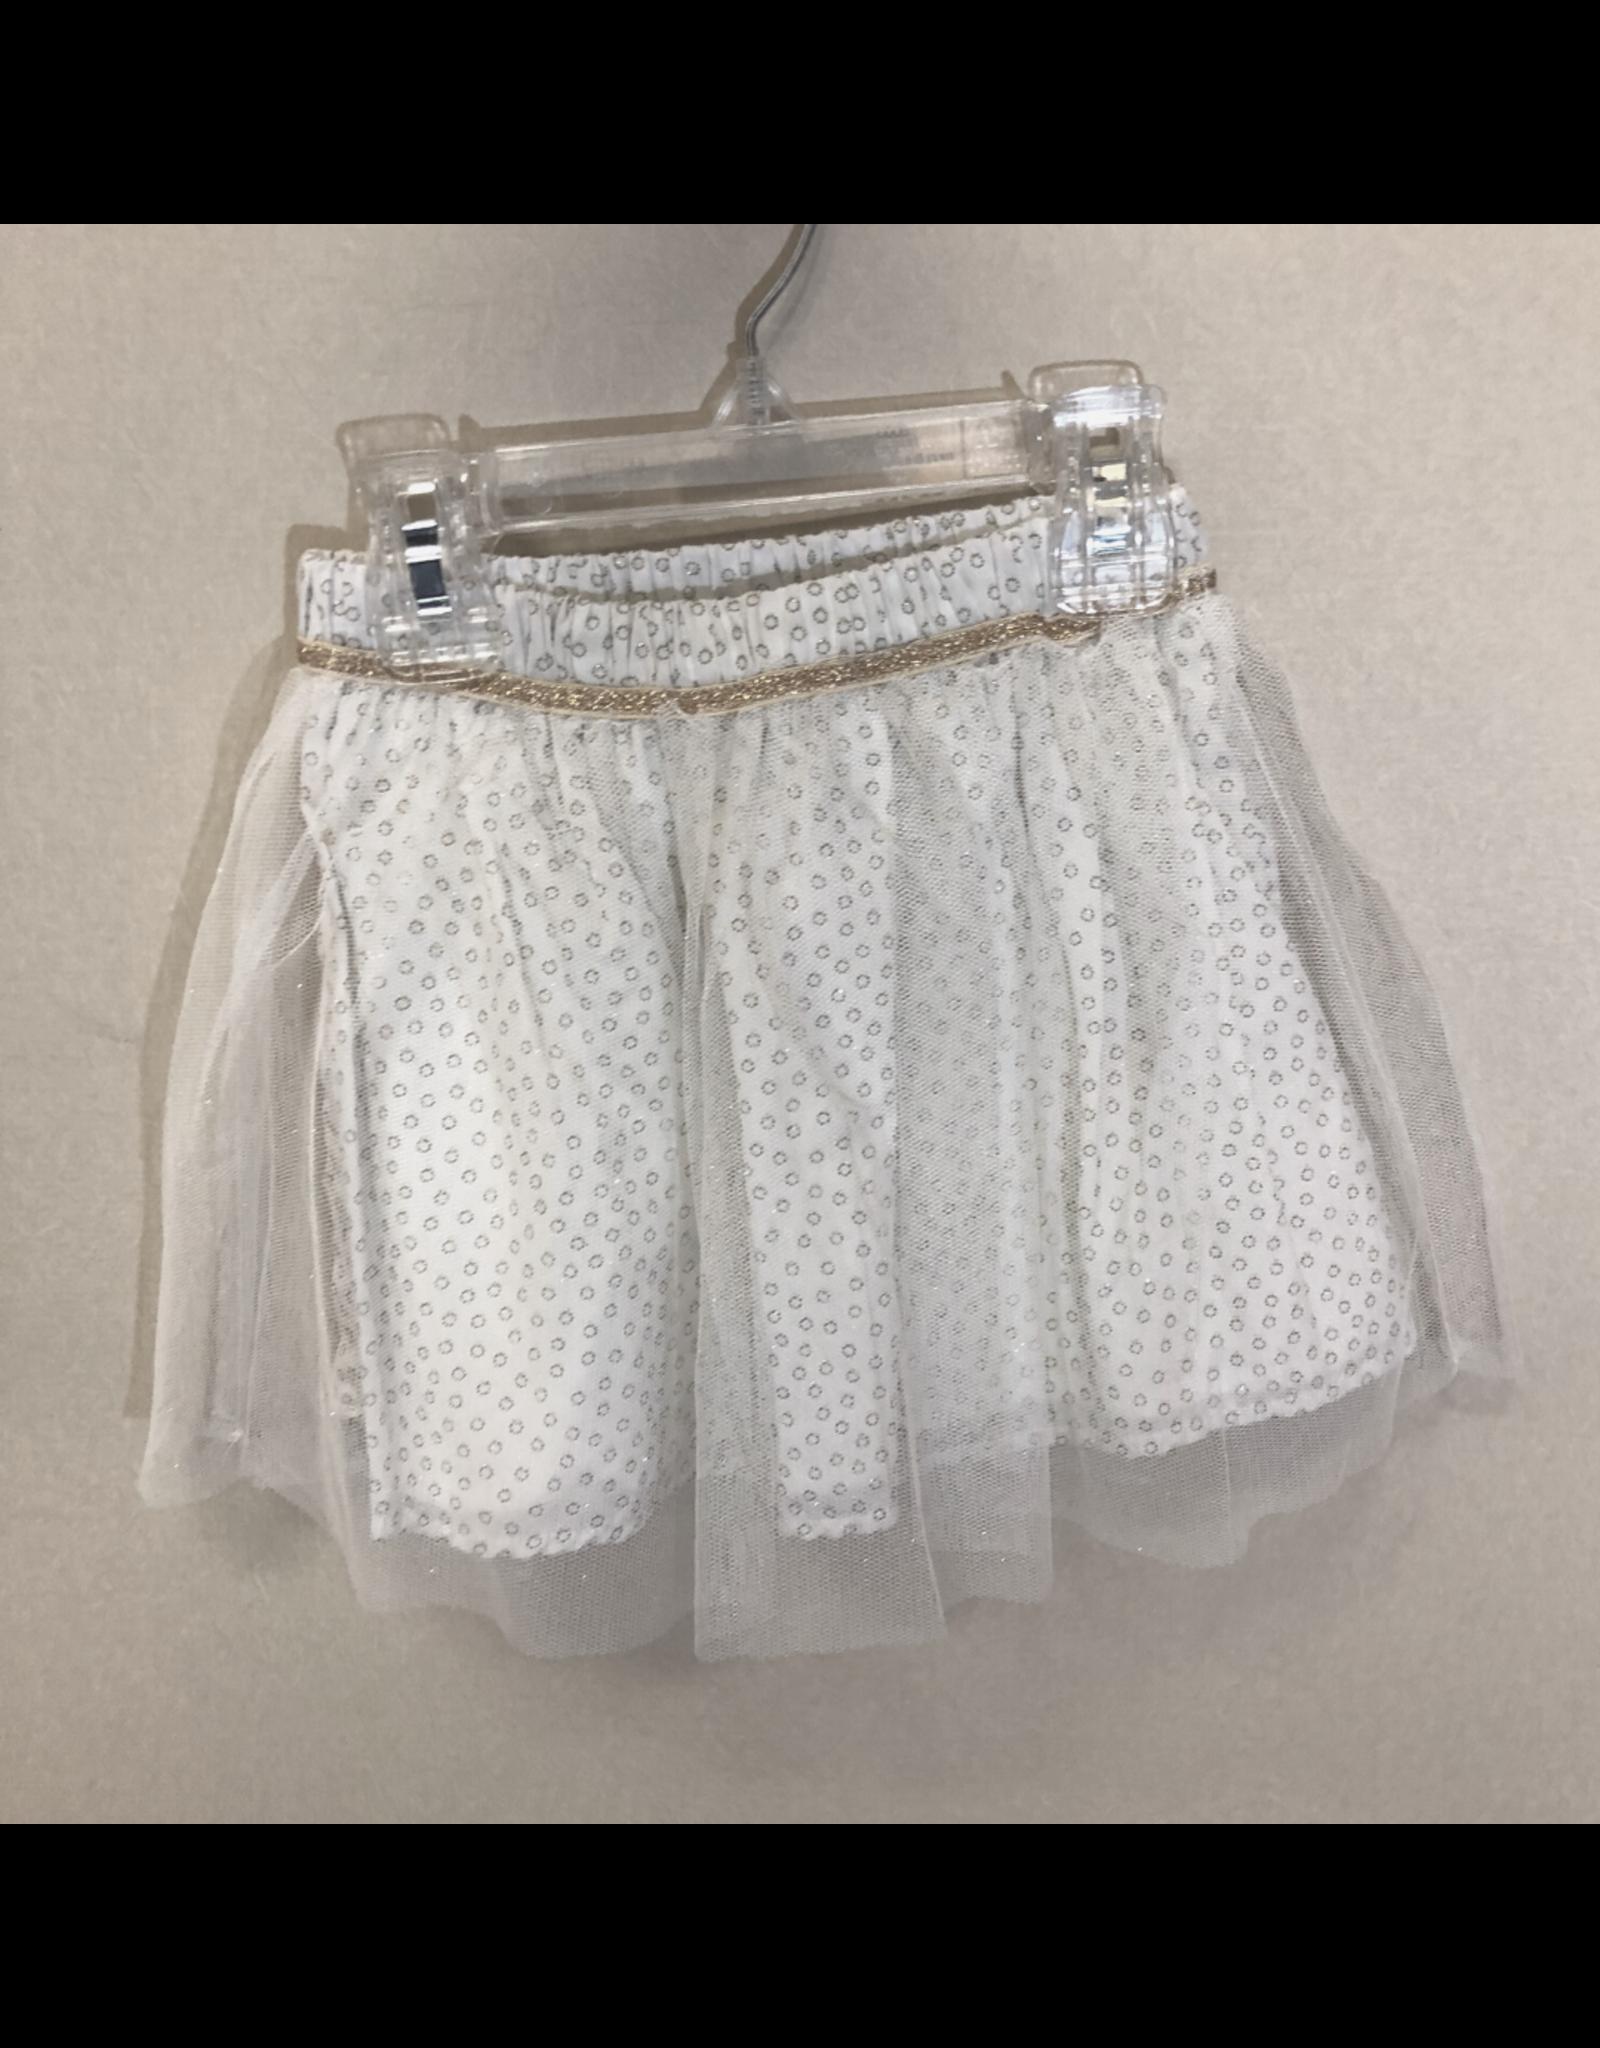 3 Pommes Polka Dot Skirt with Tulle Overlay